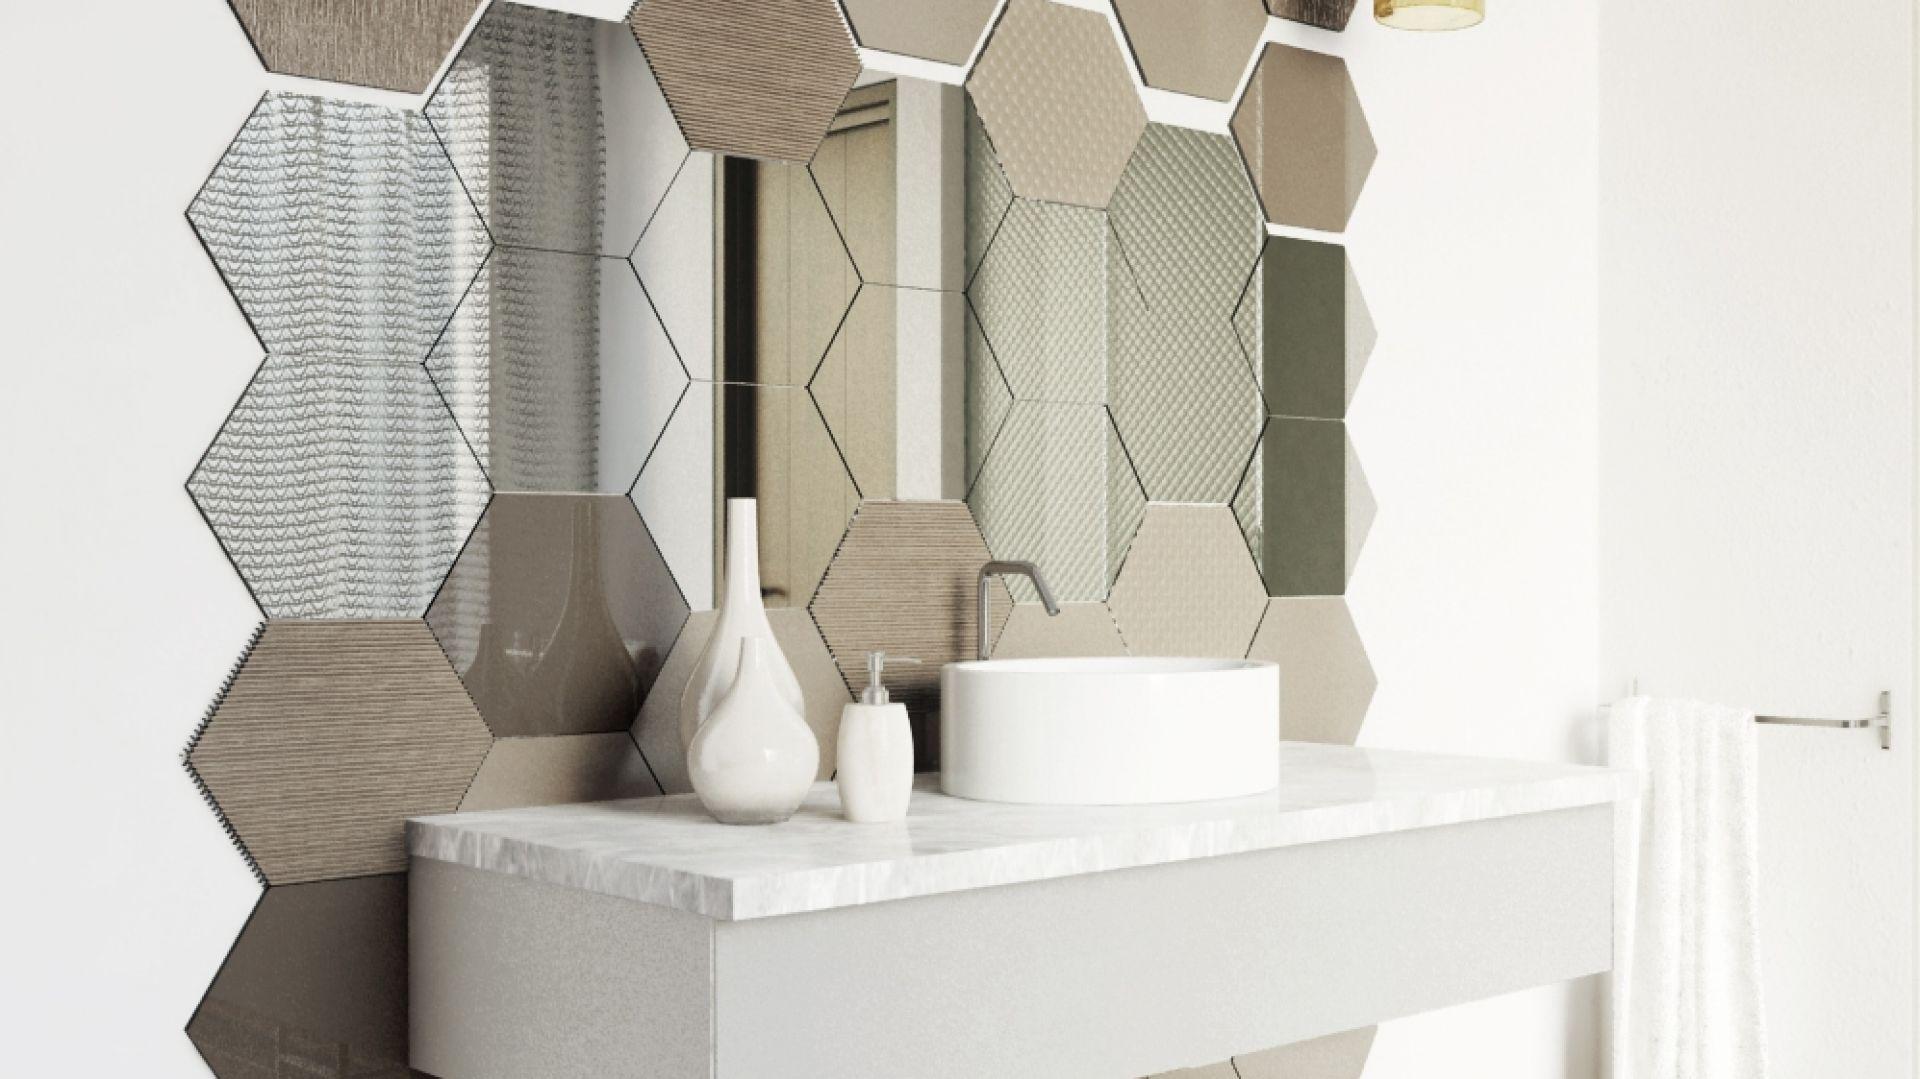 Szklane płytki z kolekcji Colorimo Hexi na ścianie w łazience. Fot. Mochnik